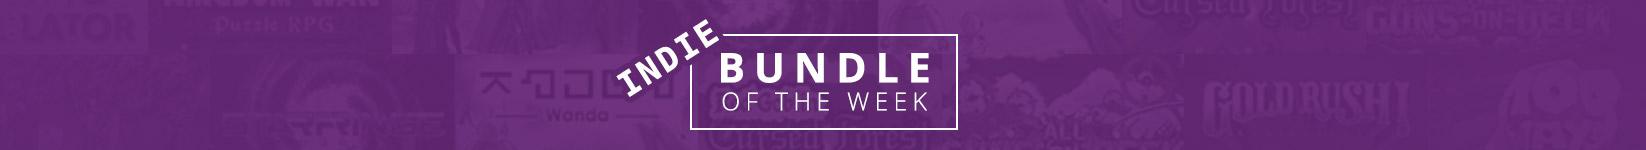 Indie Bundle of the Week